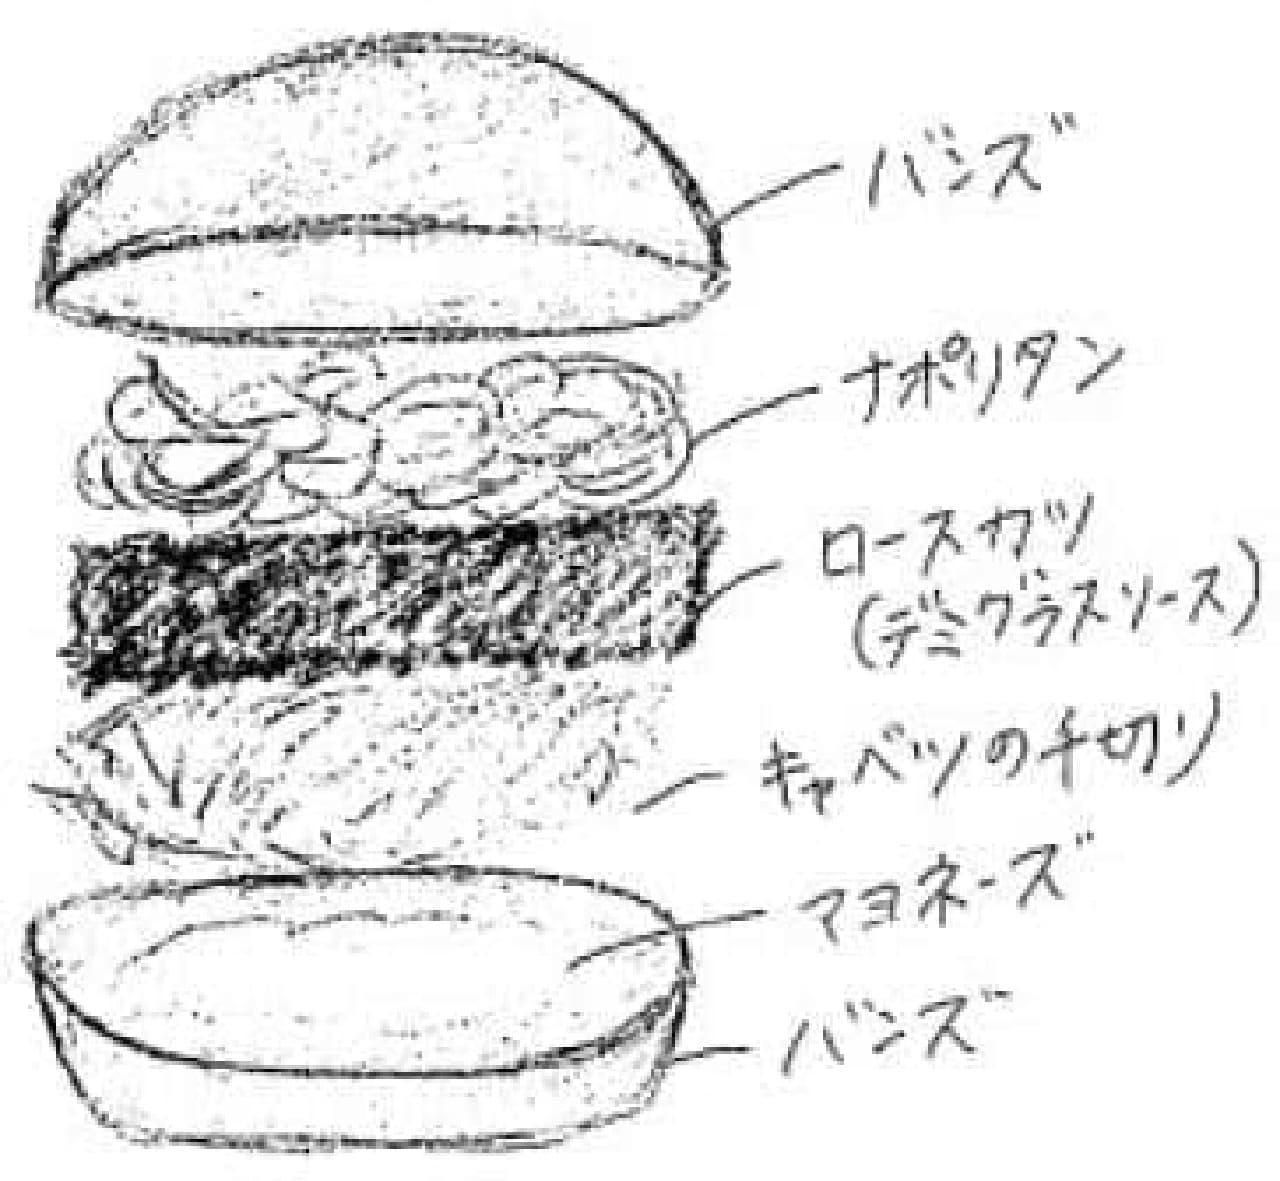 長崎発メニューの原案